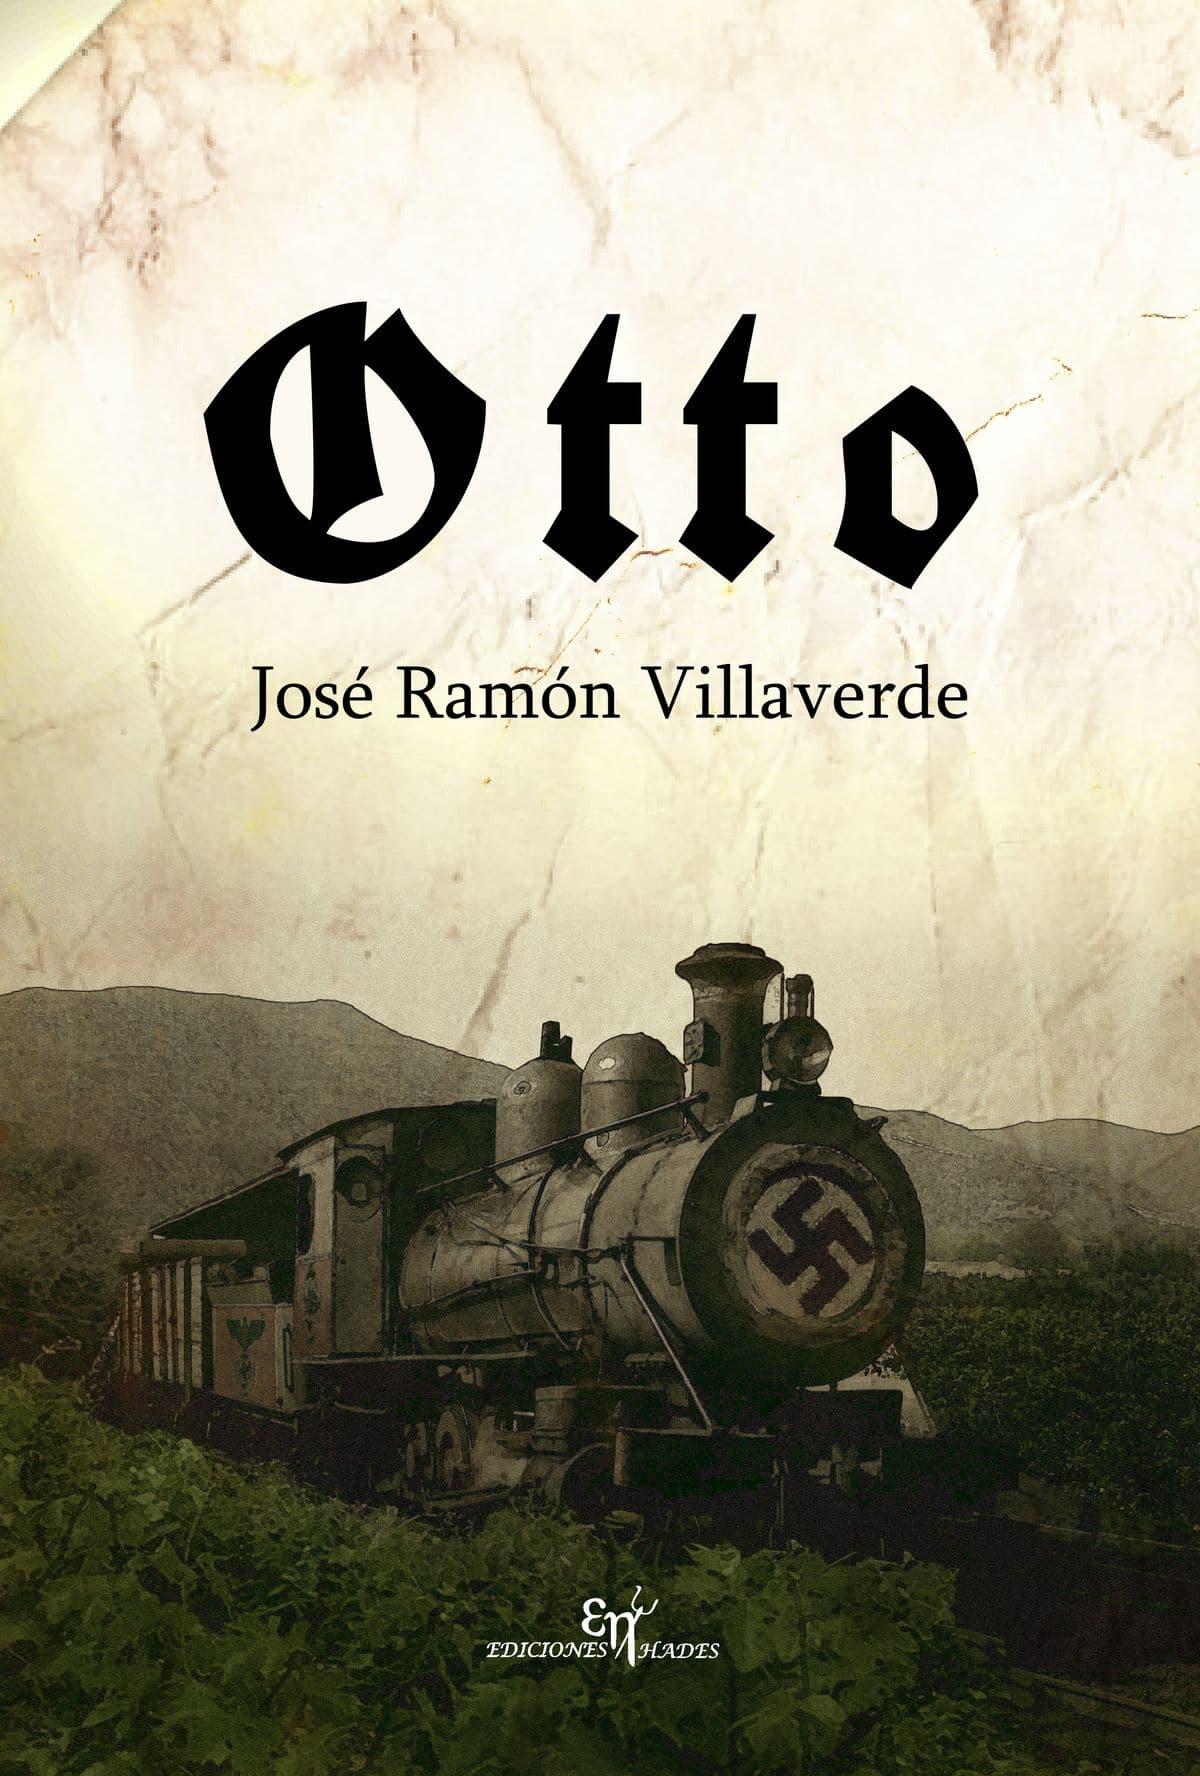 El escritor jarrero José Ramón Villaverde presenta 'Otto', su nueva novela 1